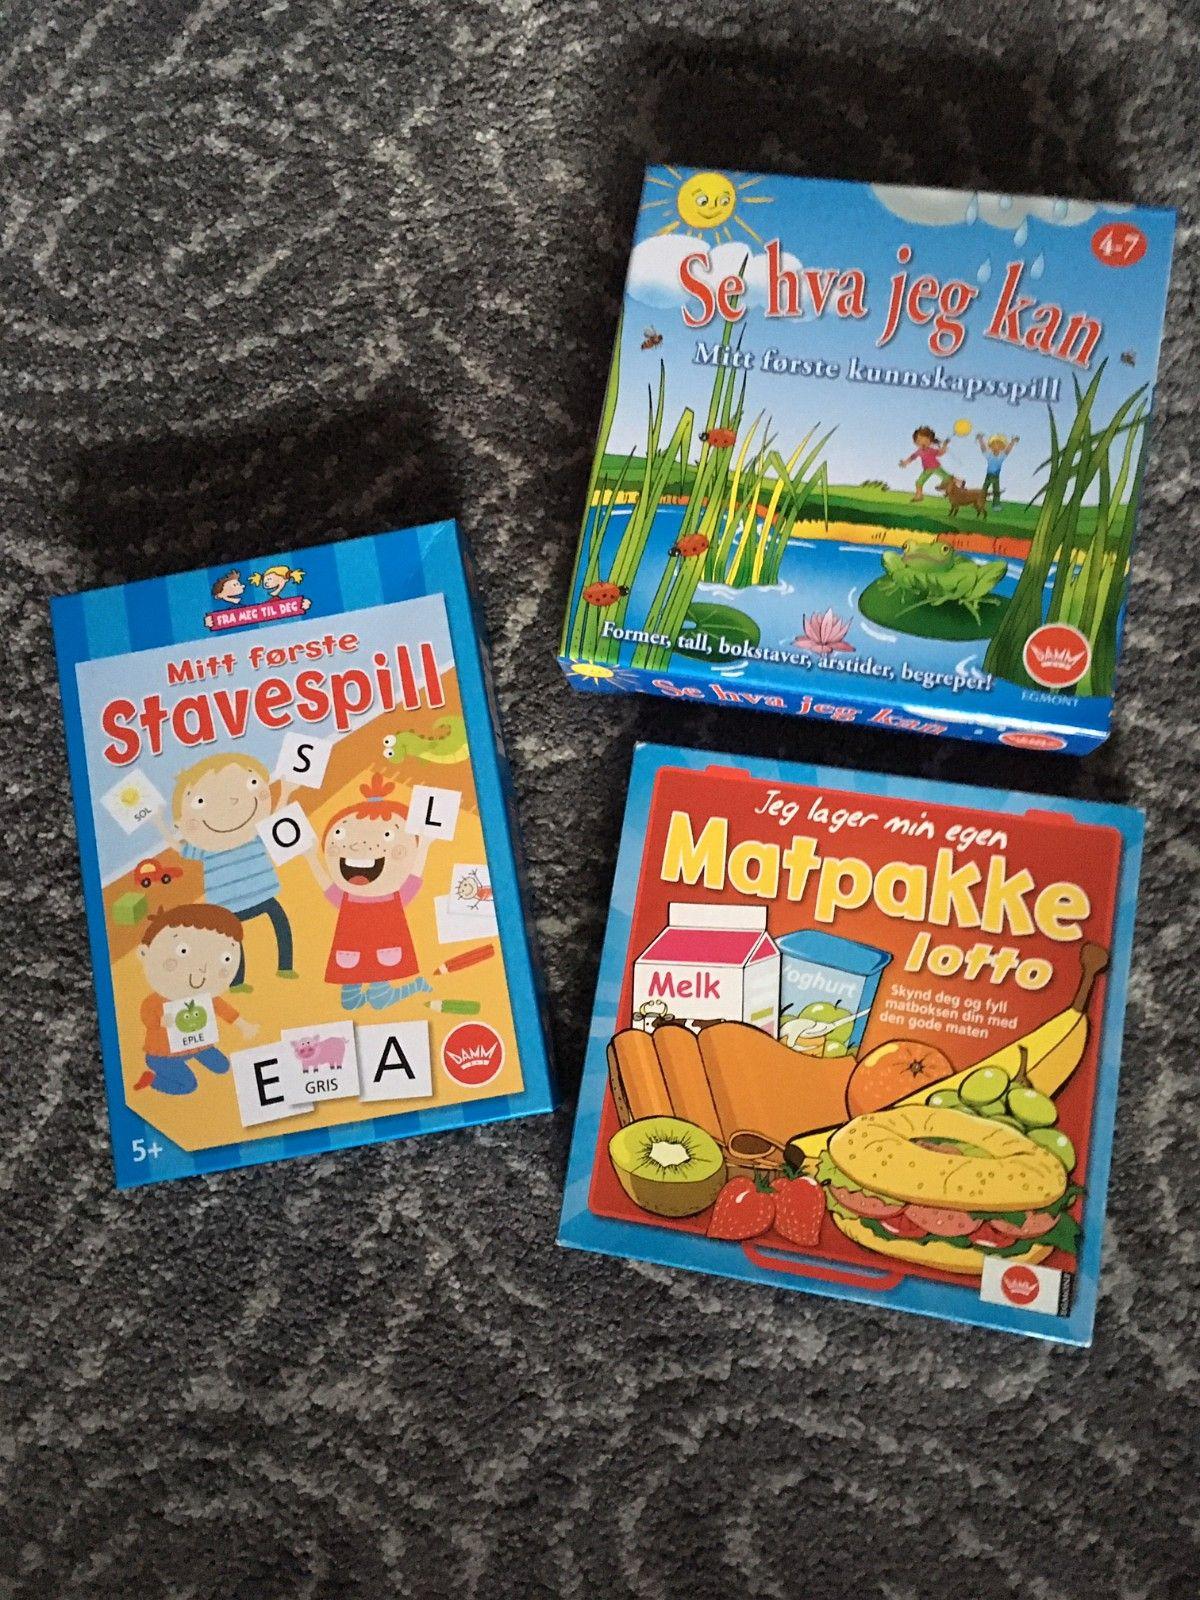 685902c2 Brettspill for barn Se hva jeg kan, Stavespill, Matpakke Lotto, pent ...